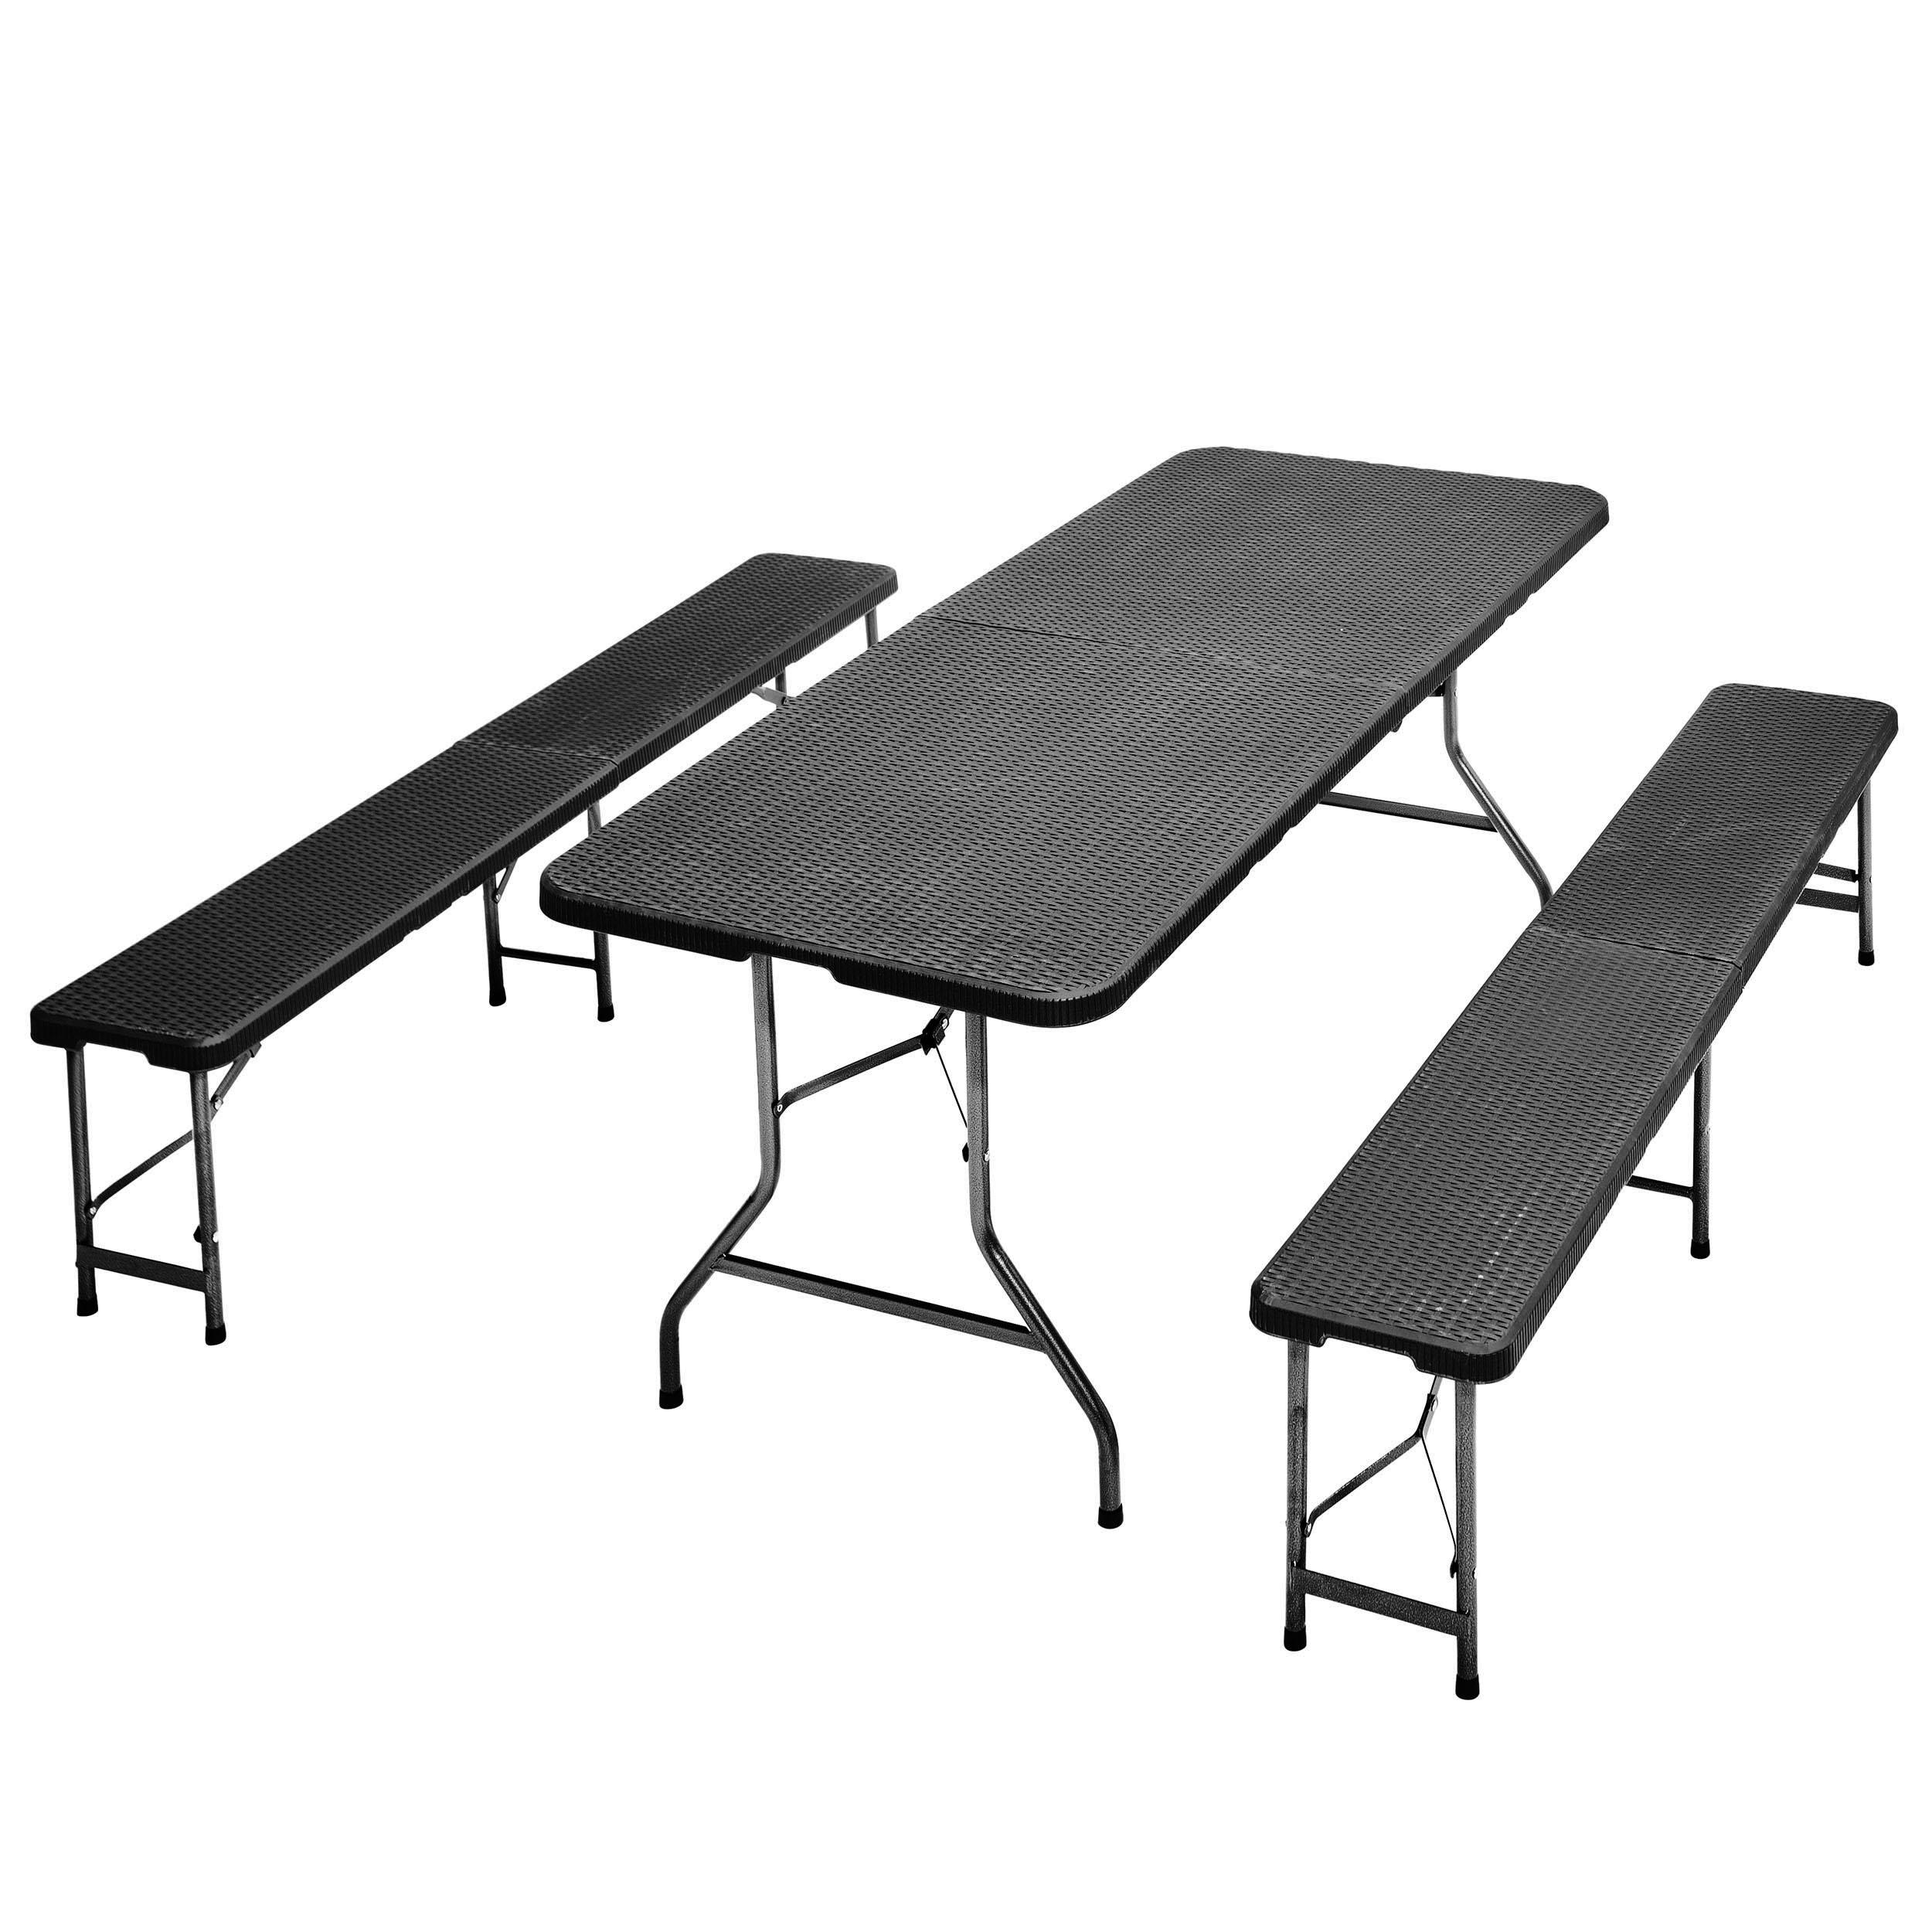 Frühstücks Garnitur, Camping-Set, Esstisch klappbar, Rattan-Optik,1 ...